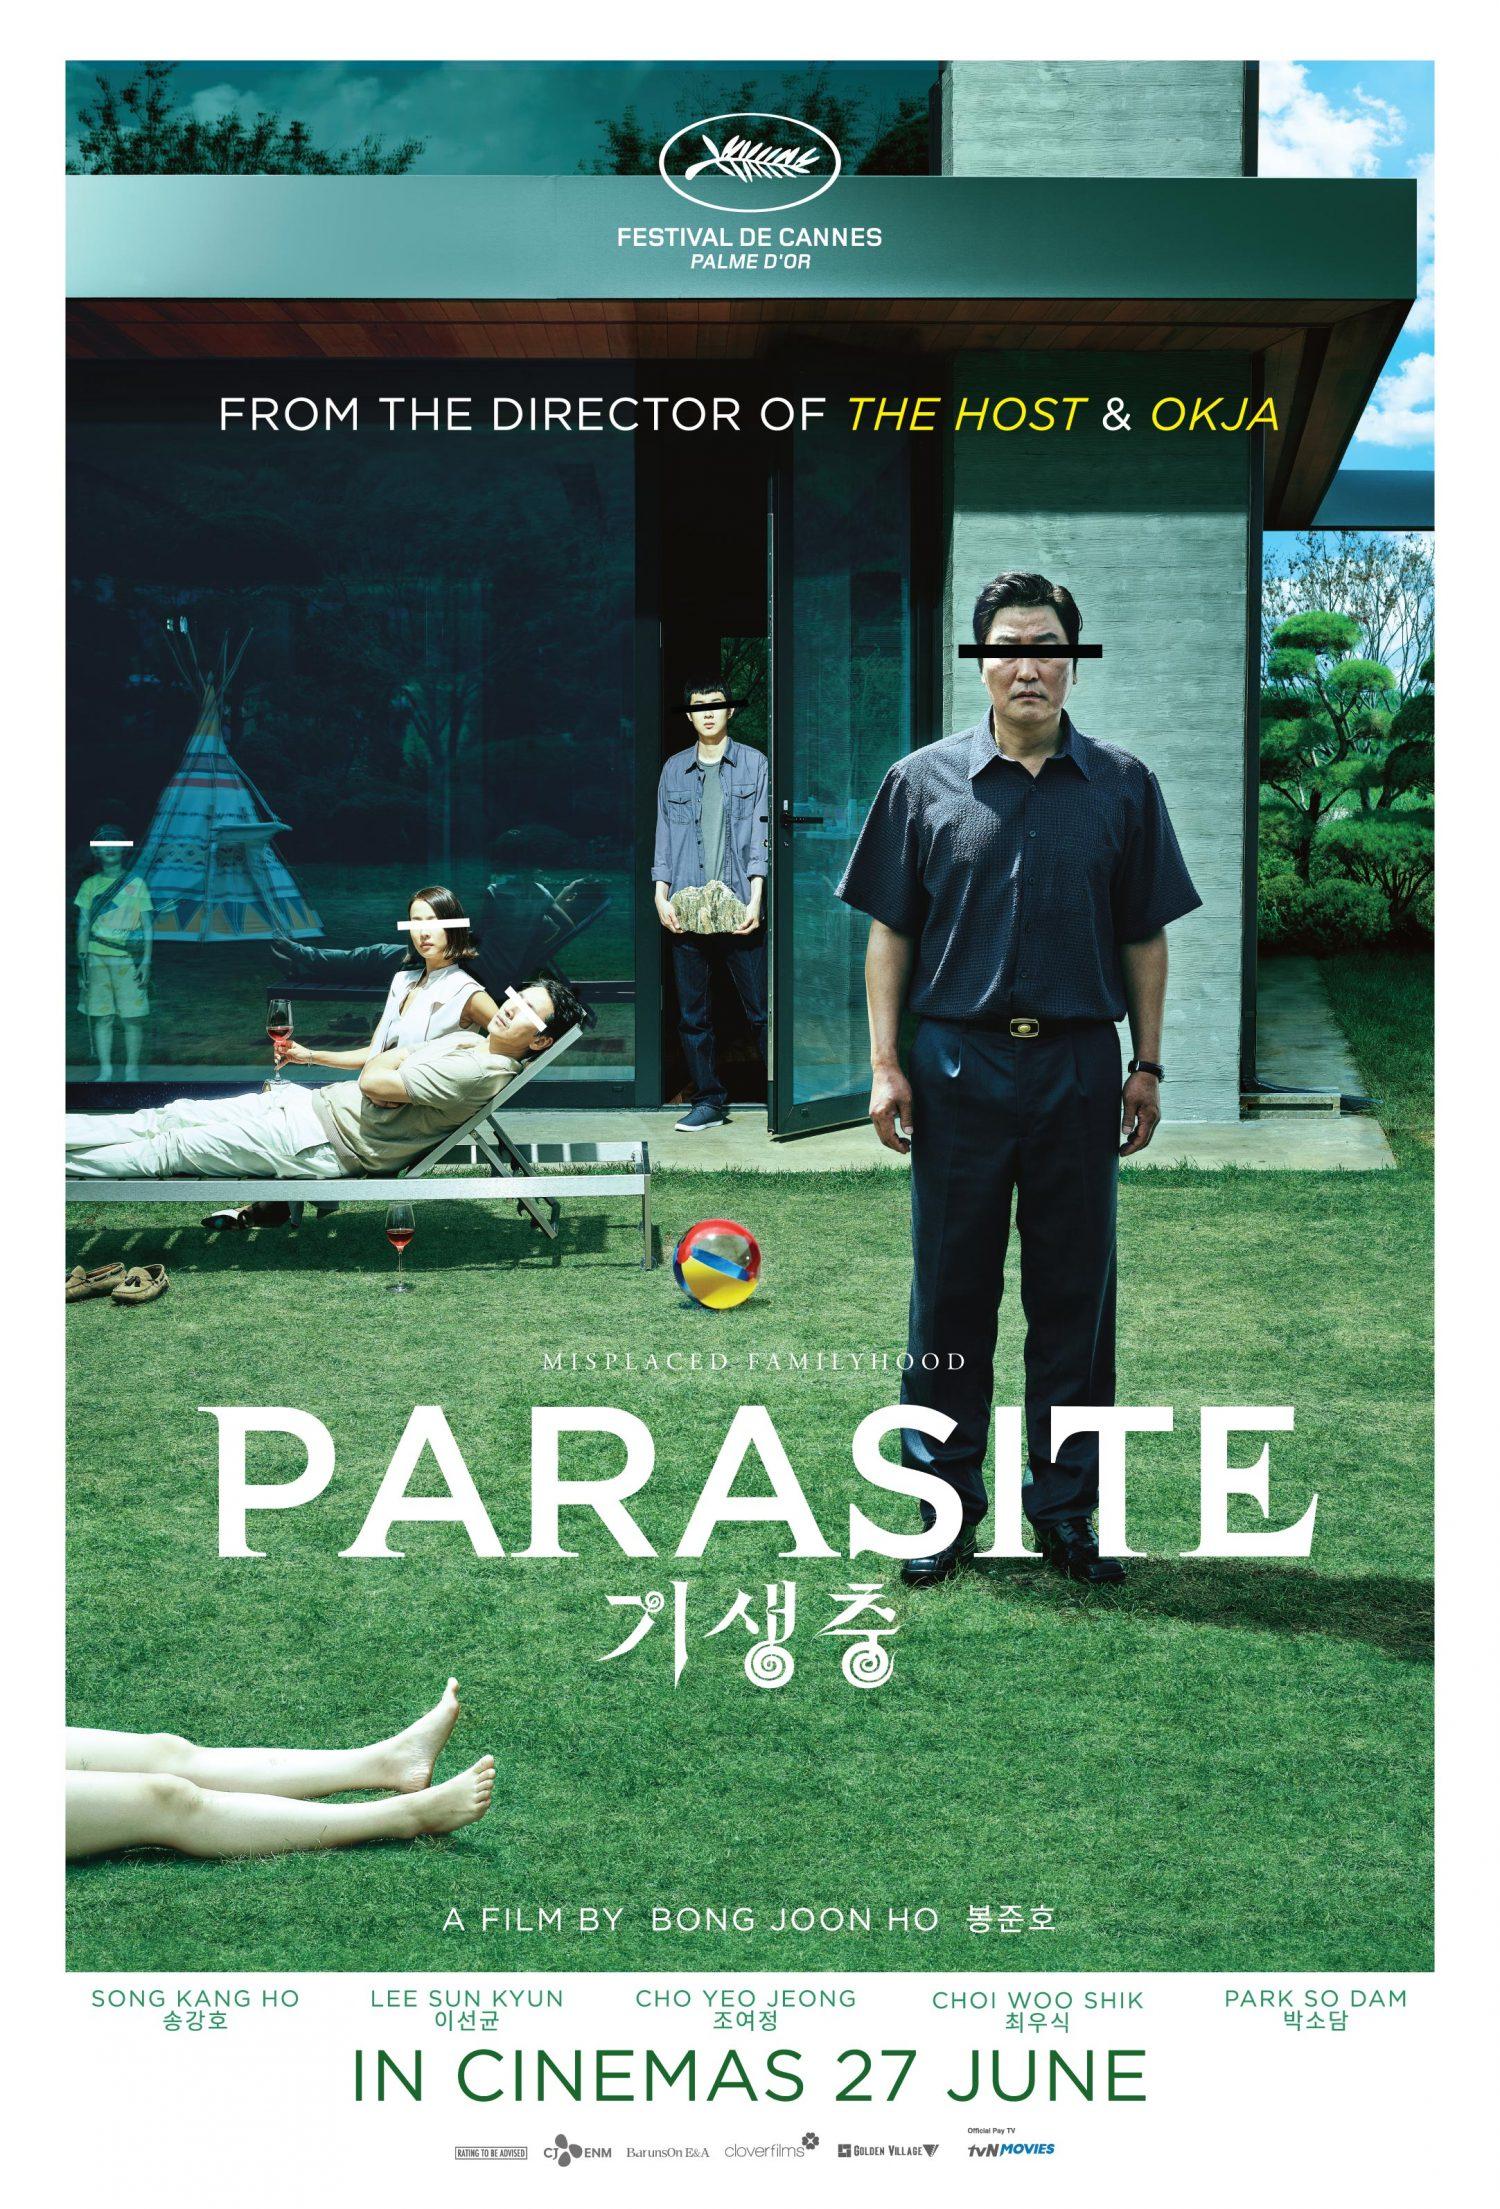 PARASITE-Teaser-Poster-A3-e1560143260462